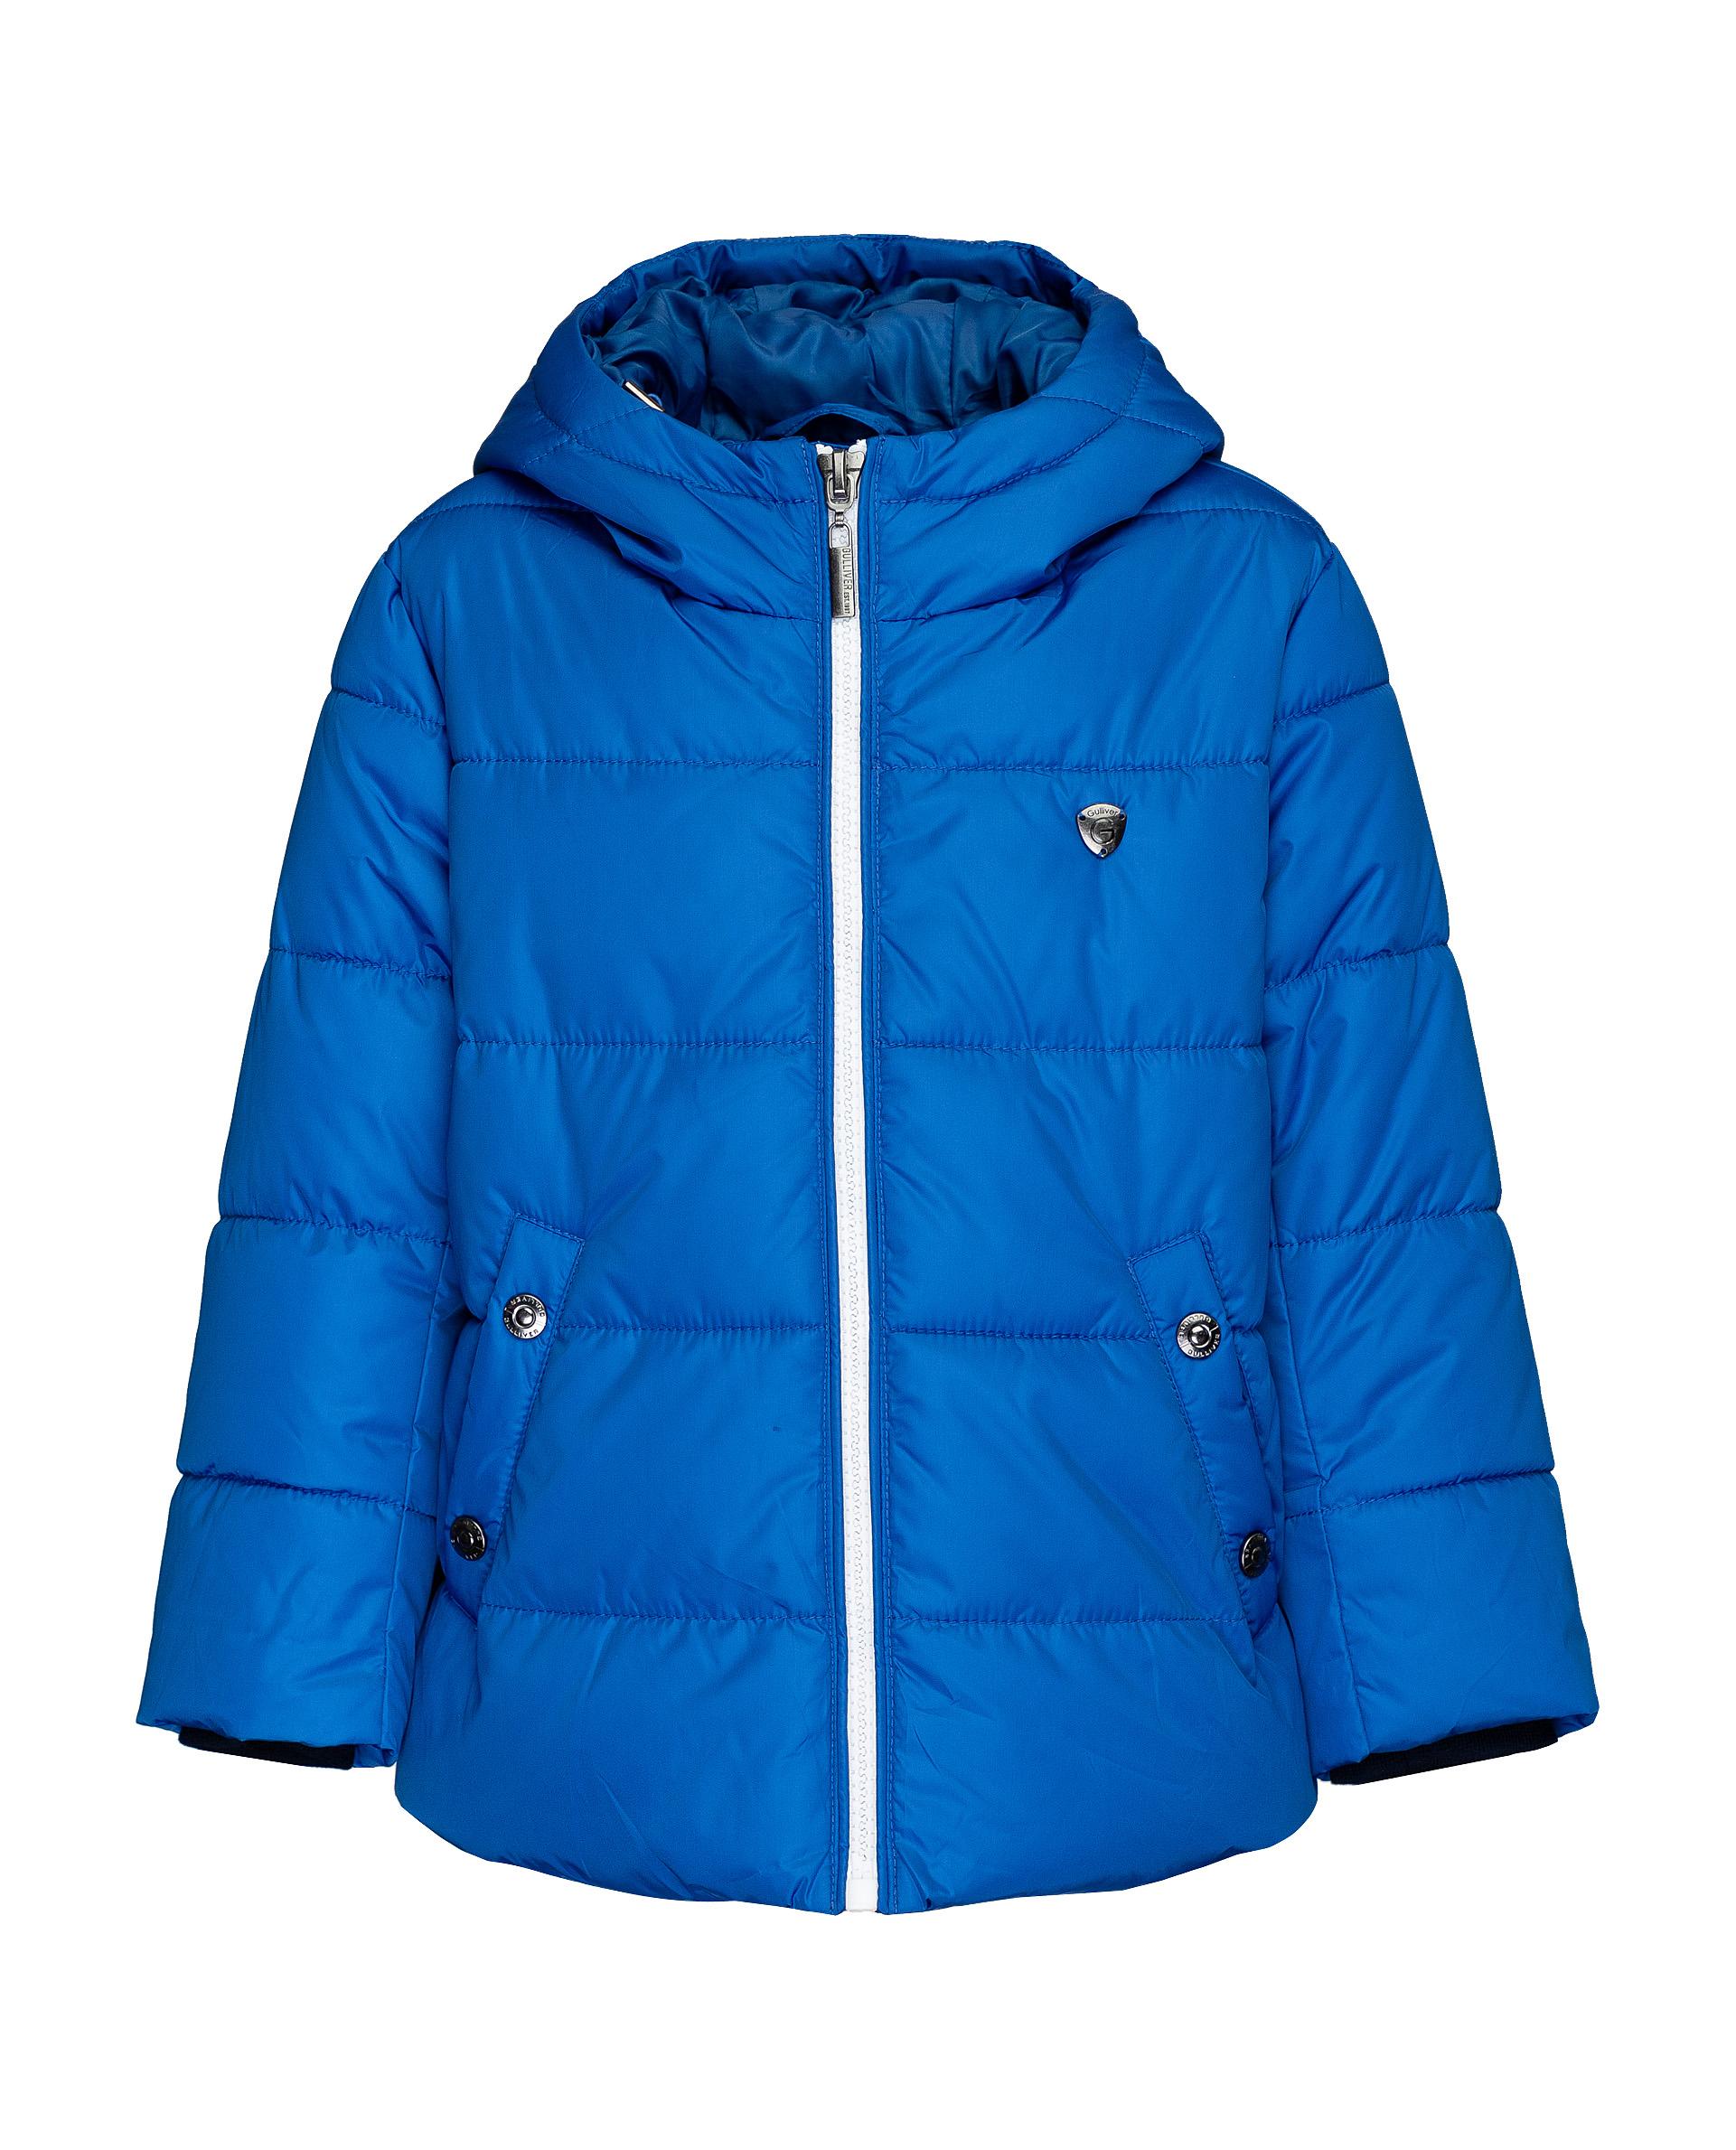 Купить 21906BMC4102, Синяя зимняя куртка Gulliver, синий, 104, Мужской, ОСЕНЬ/ЗИМА 2019-2020 (shop: GulliverMarket Gulliver Market)